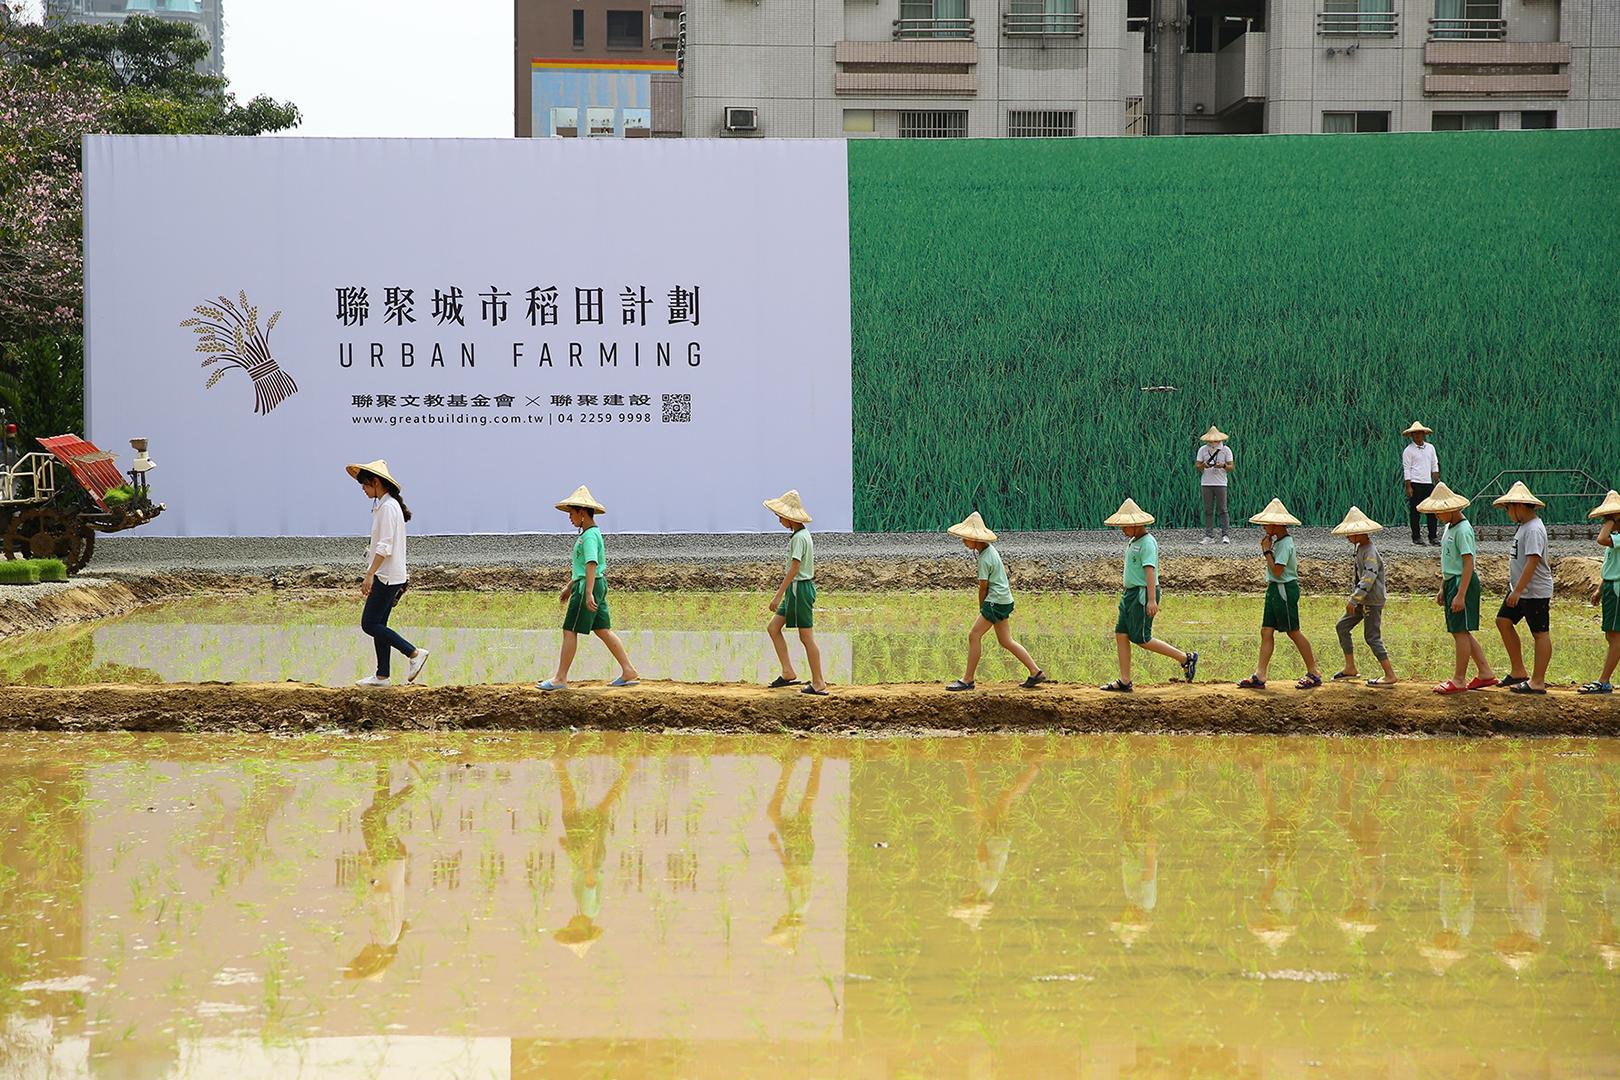 《聯聚城市稻田——人禾好時》:在城市中體驗耕種與自然的真實共感| 即日起 – 0905